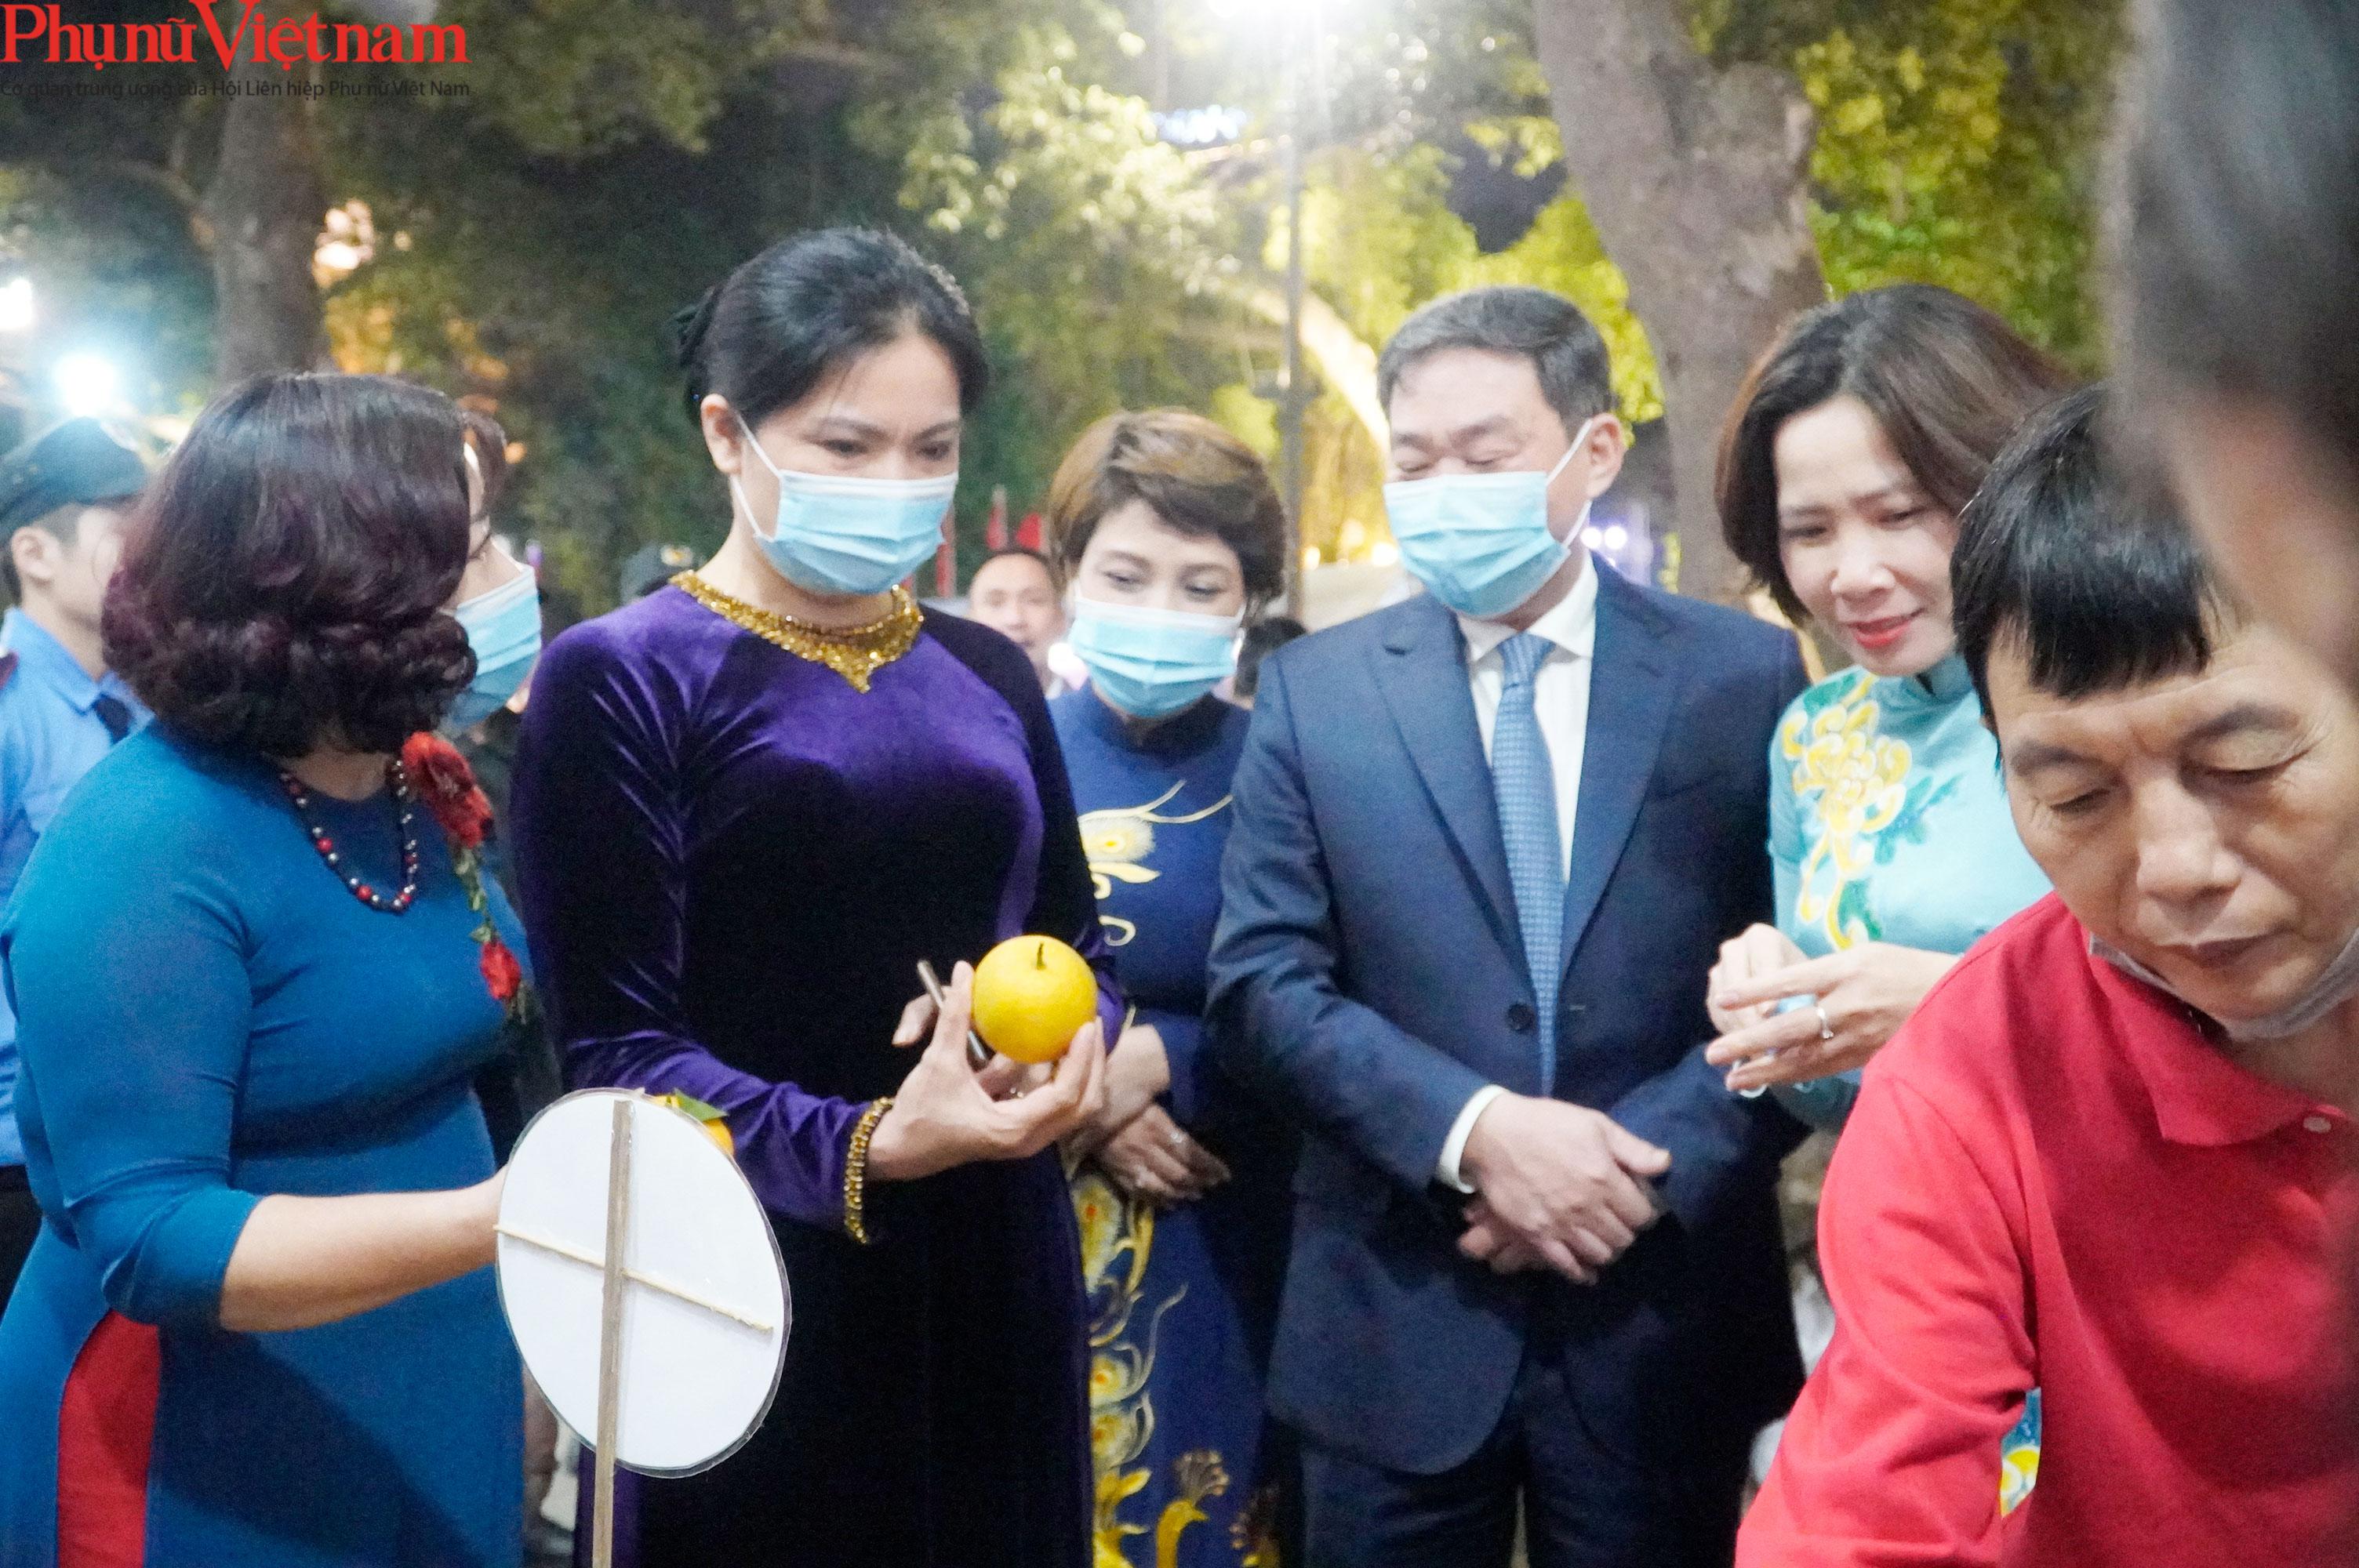 Phụ nữ Hà Nội giao lưu văn hóa, du lịch và sản phẩm sáng tạo với các tỉnh thành thuộc Đồng bằng sông Hồng - Ảnh 12.